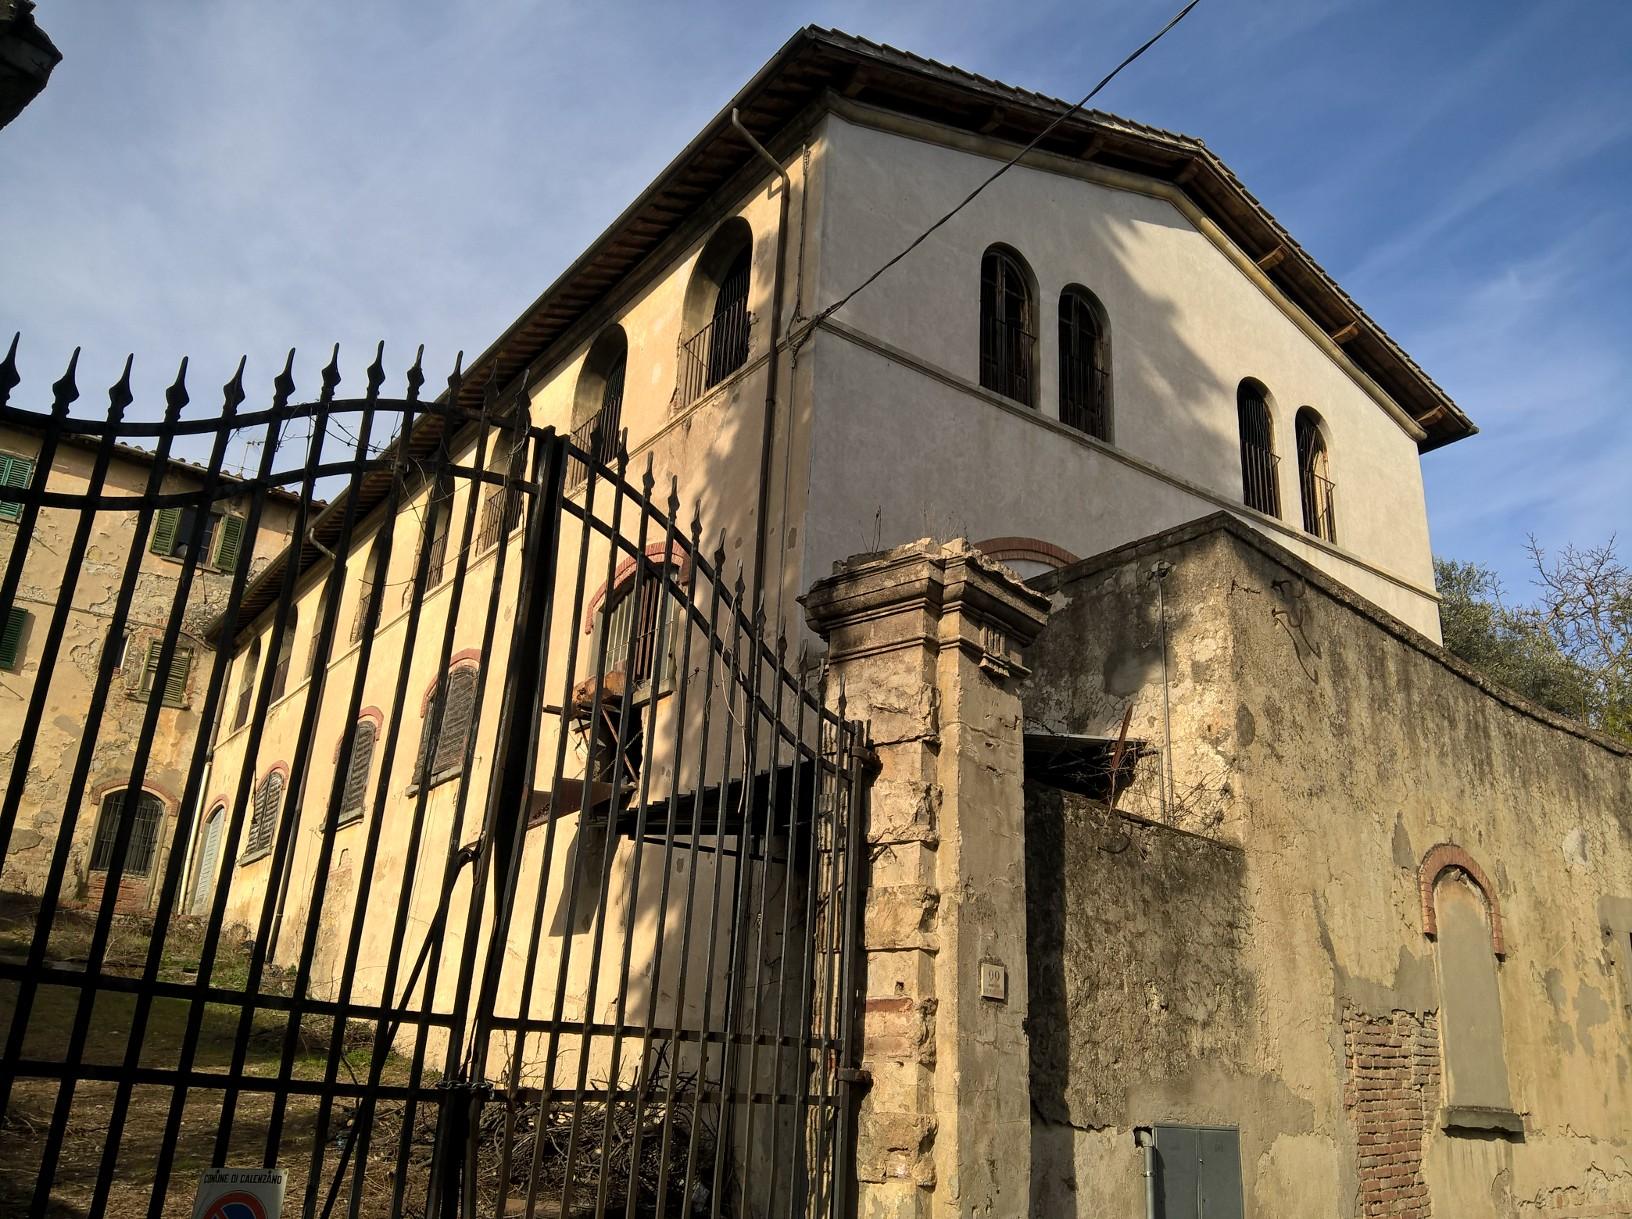 CALENZANO via di Castello  terratetto mq. 150 ca  € 305.000,00 (considerando le detrazioni)